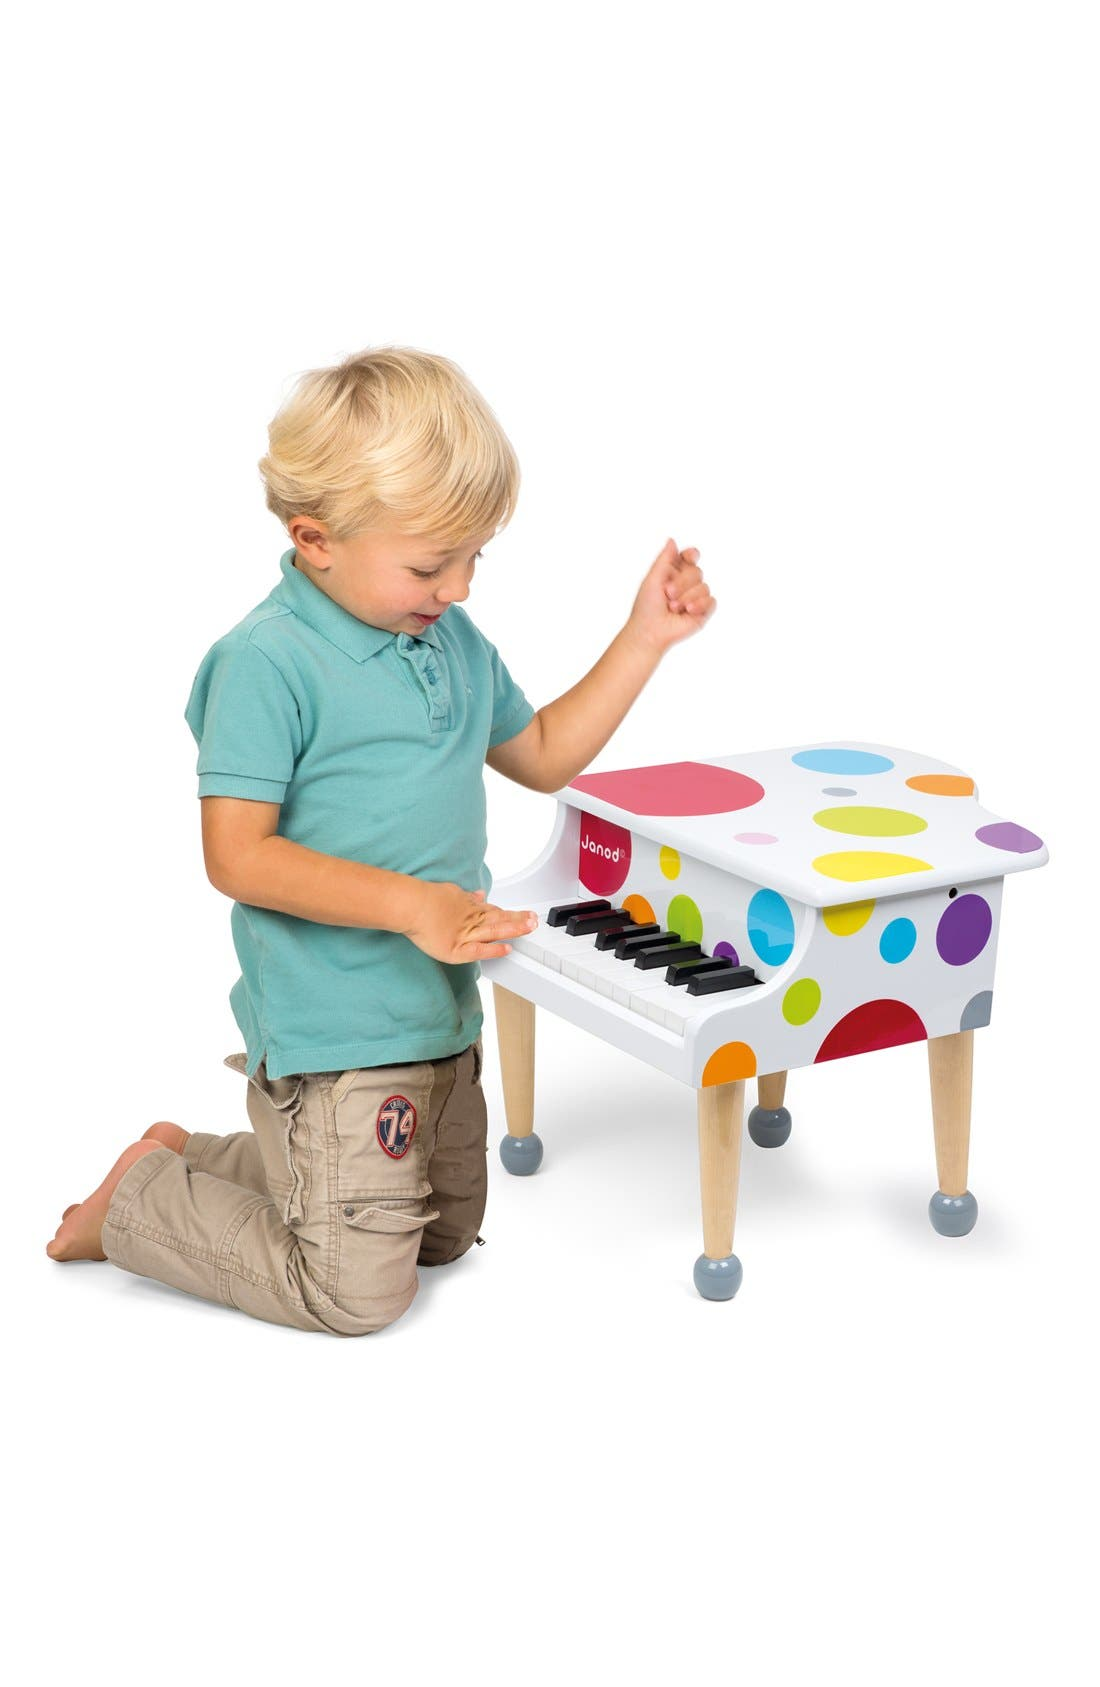 'Confetti' Grand Piano Play Set,                             Alternate thumbnail 3, color,                             MULTI